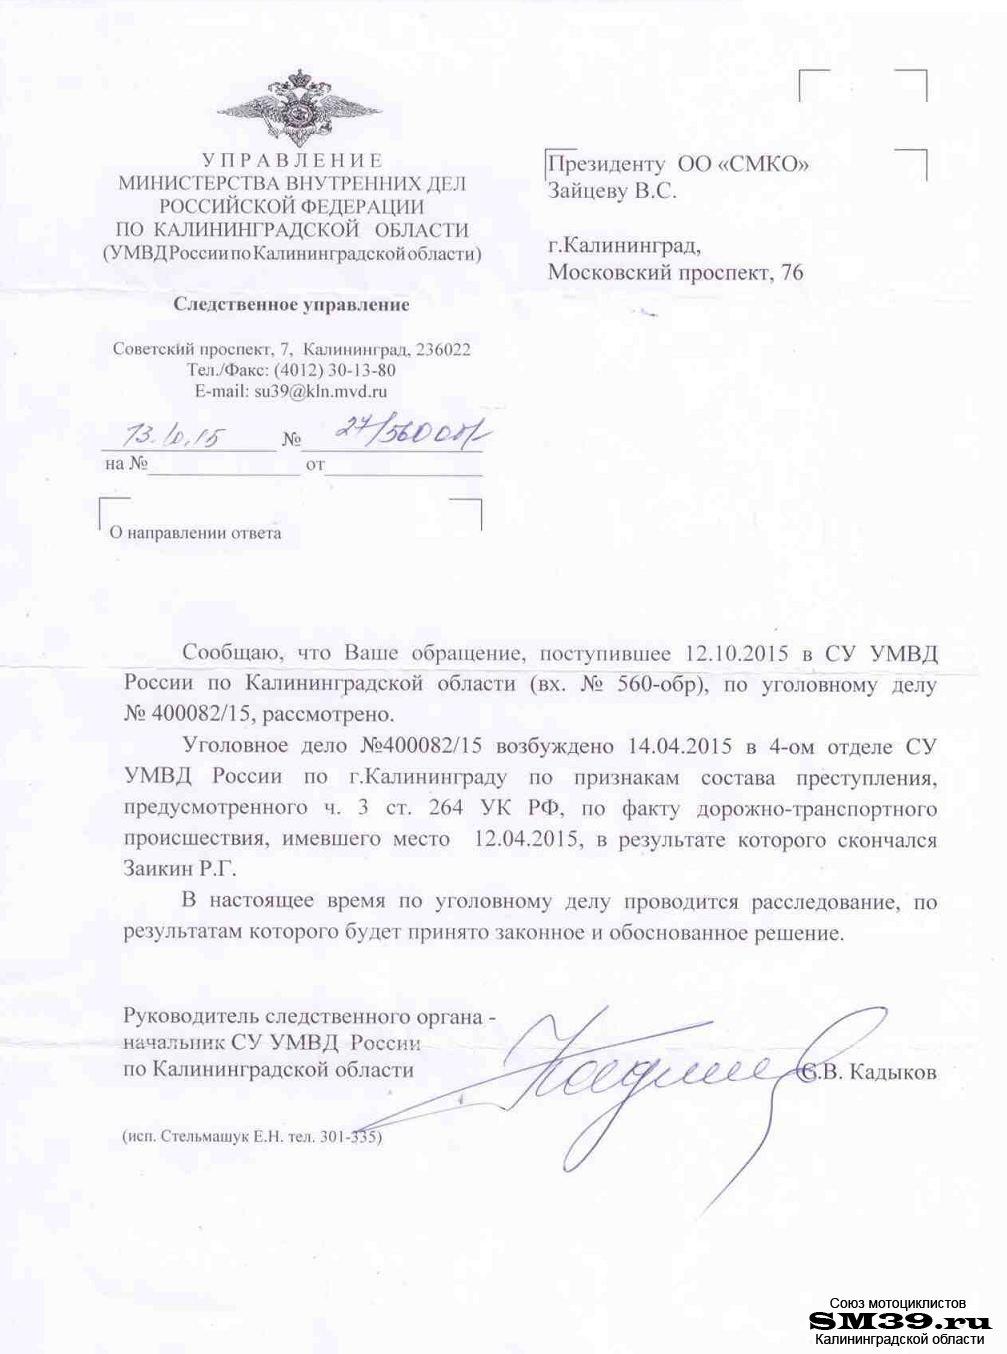 Расследование ДТП 12.04.2015 на ул.Горной. Запрос и ответ